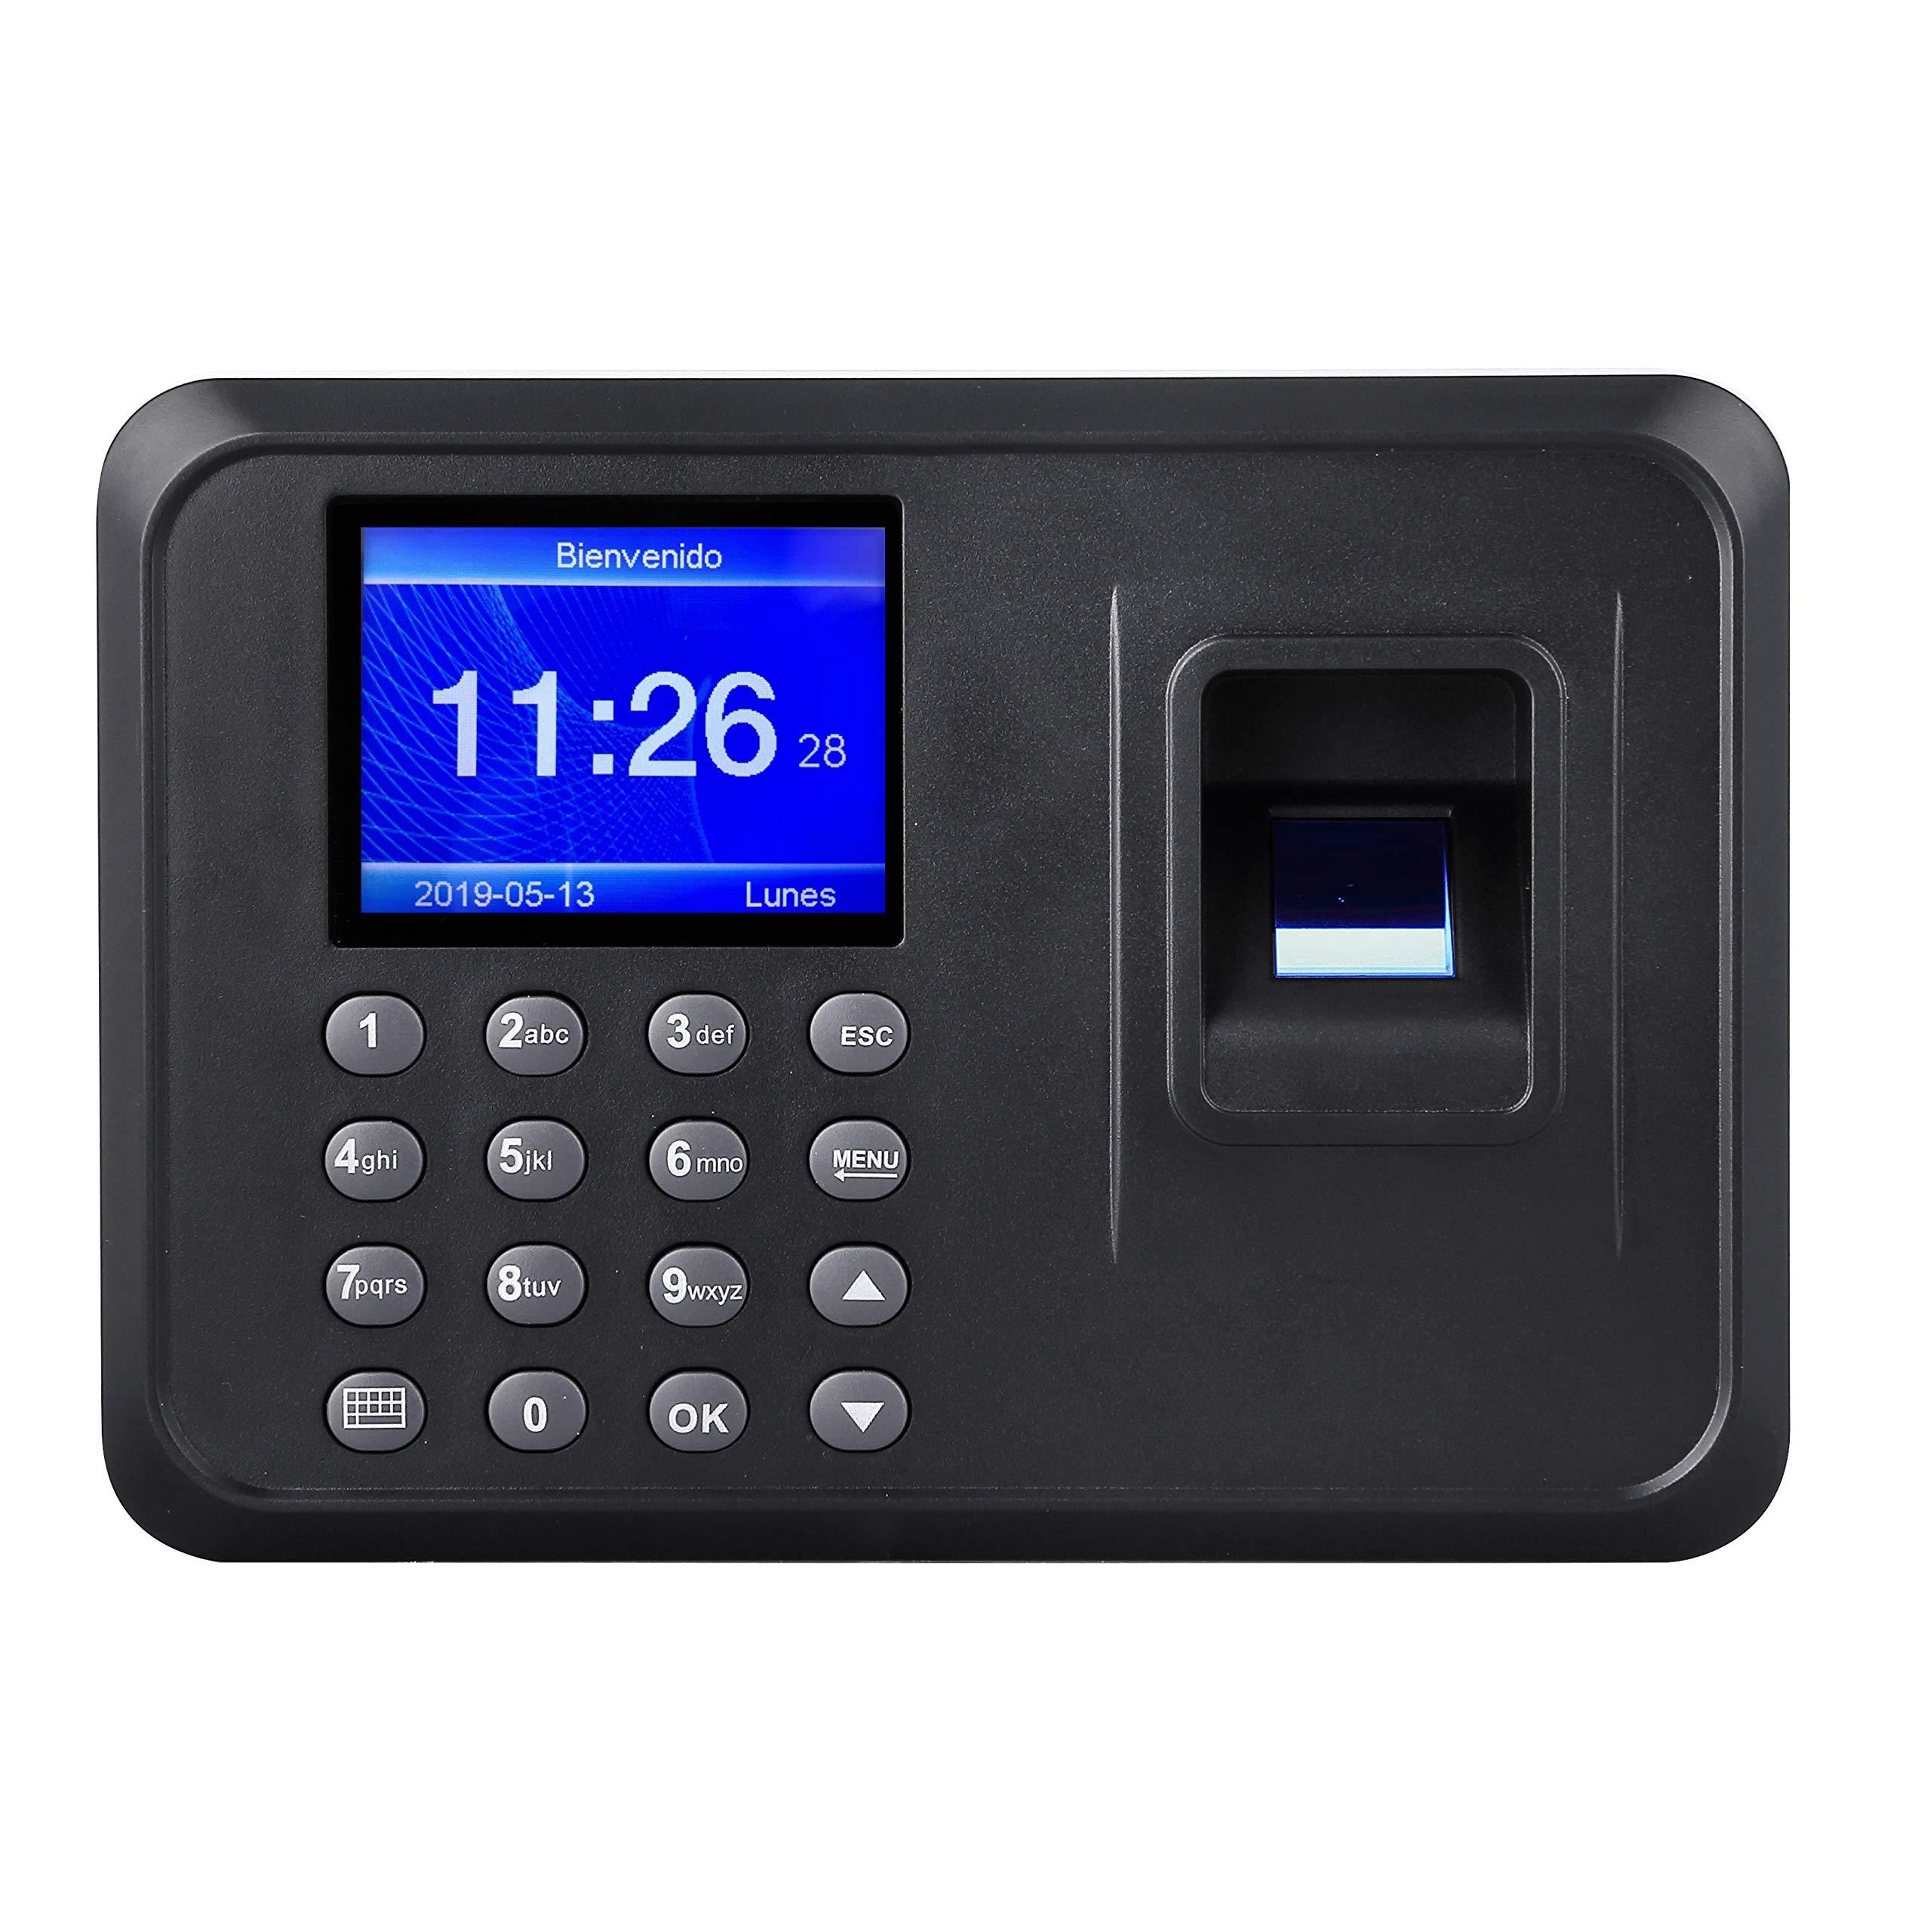 """Reloj biométrico de asistencia con huella dactilar y contraseña. Control de asistencia Registro de tiempo y acceso de los empleados, idioma español, pantalla LCD, conexión USB, DC 5V pantalla 2.4"""" TFT"""